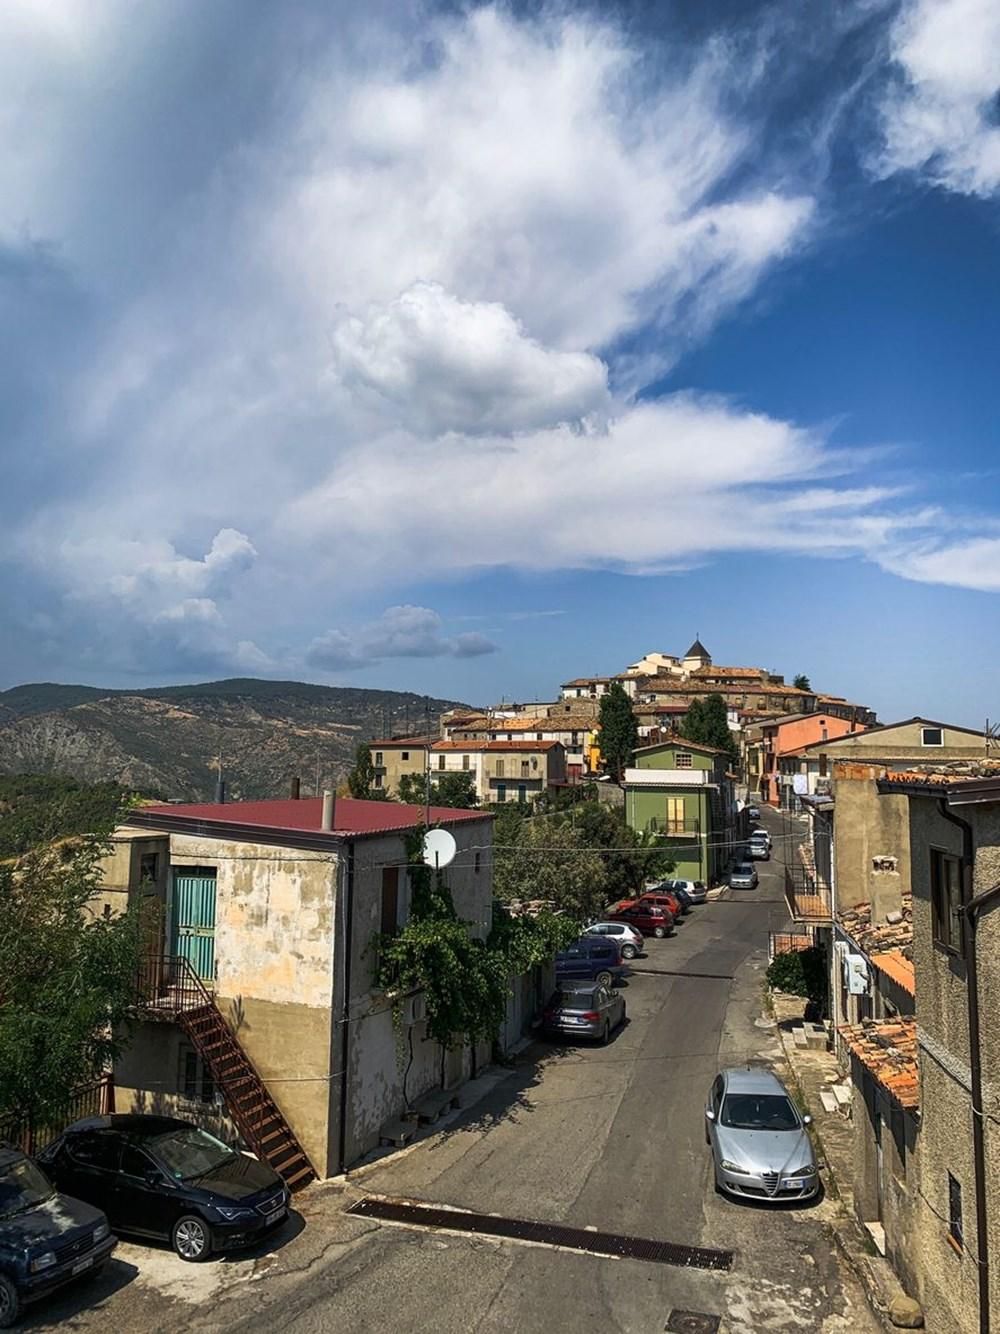 İtalya'dan hayallerinizi gerçekleştirebilecek teklif: Bu güzel köyler taşınmanız için size 285 bin lira sunuyor - 13